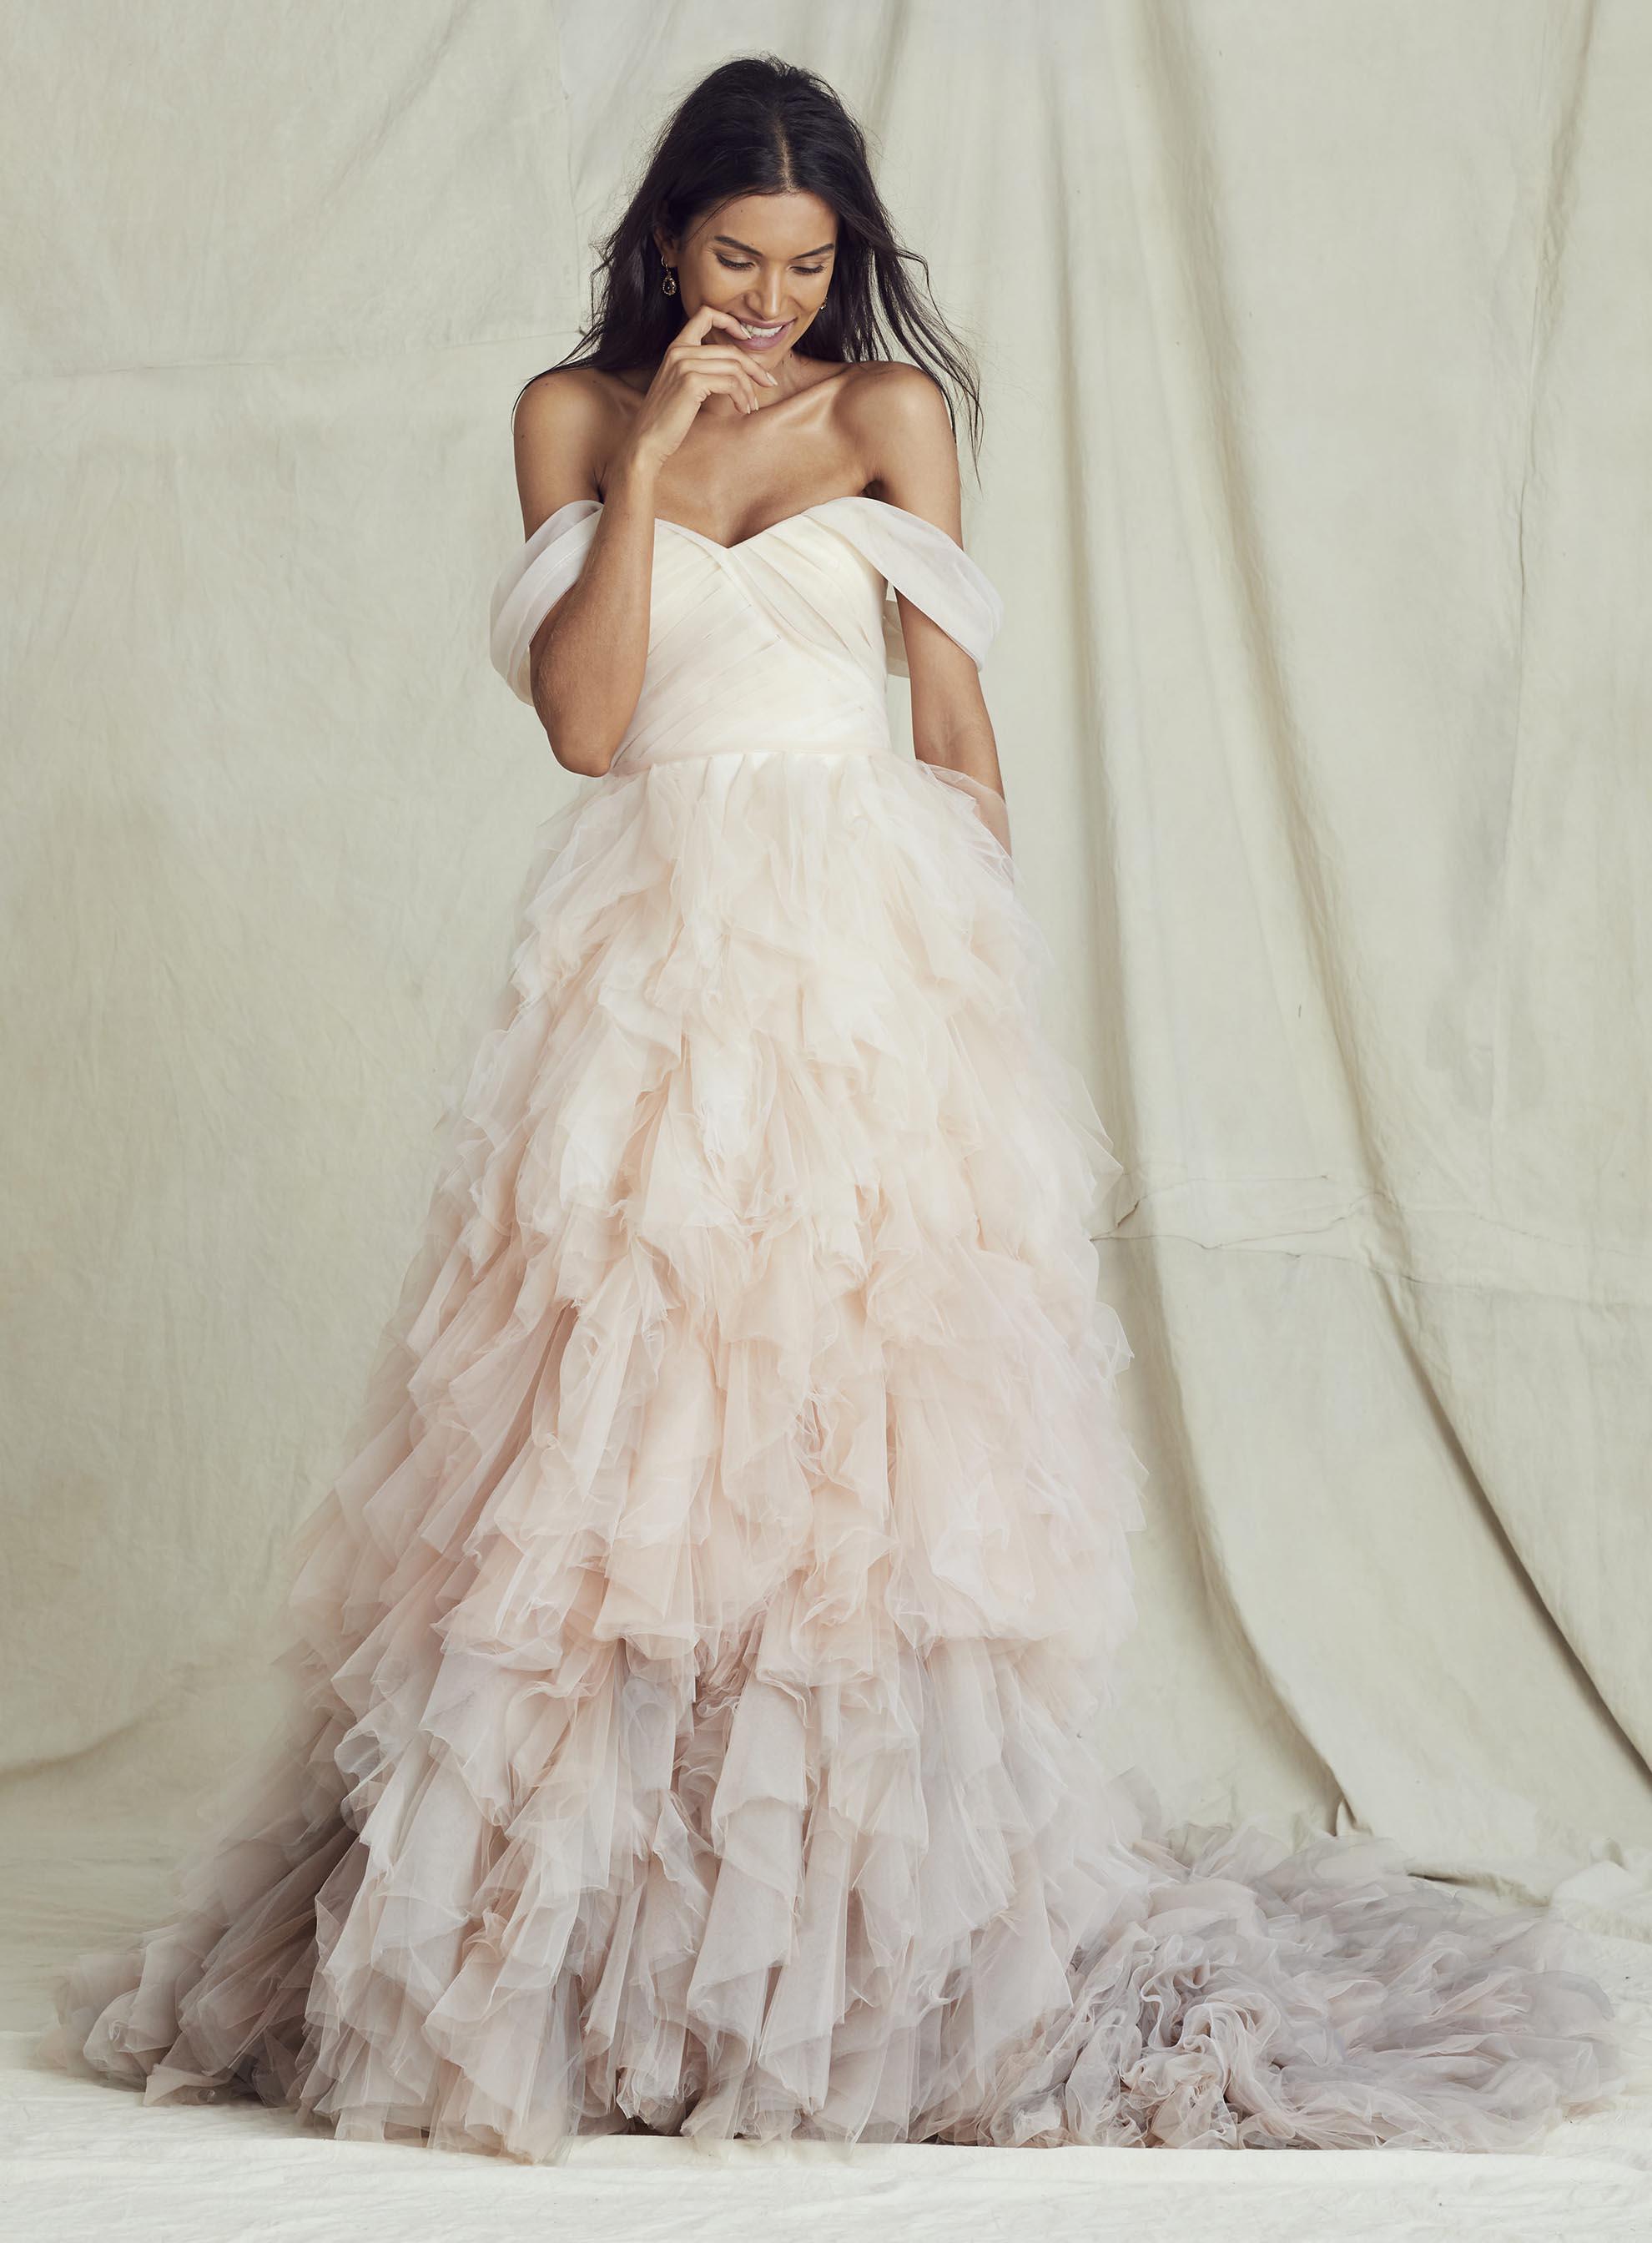 c8ca69059fae7 Designer Wedding Dresses